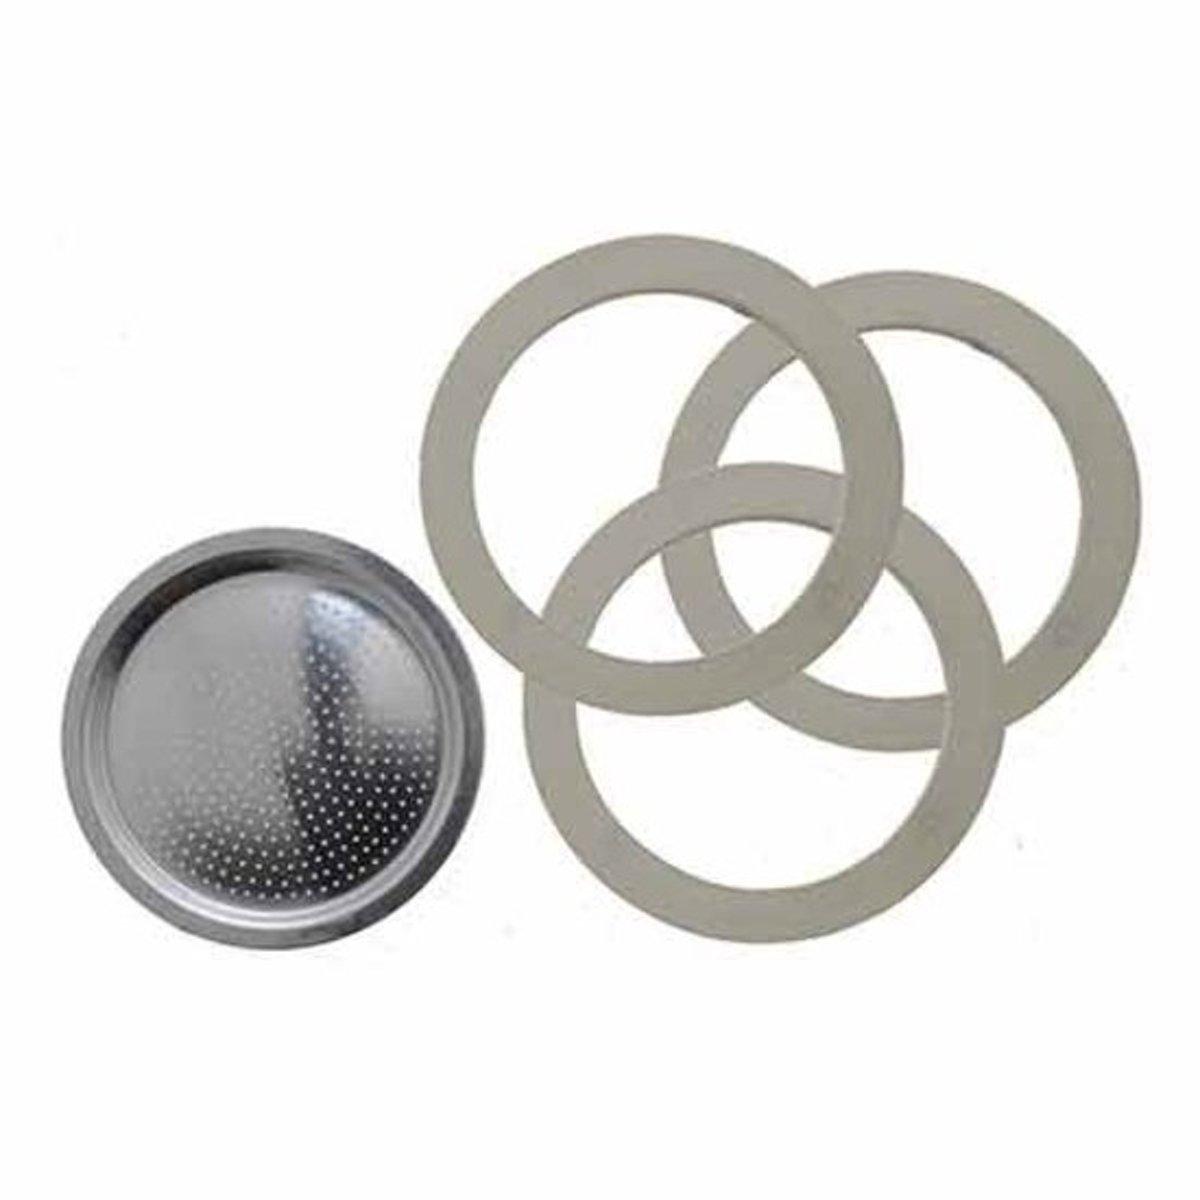 Bialetti filterplaatje ALU 12 kops kopen